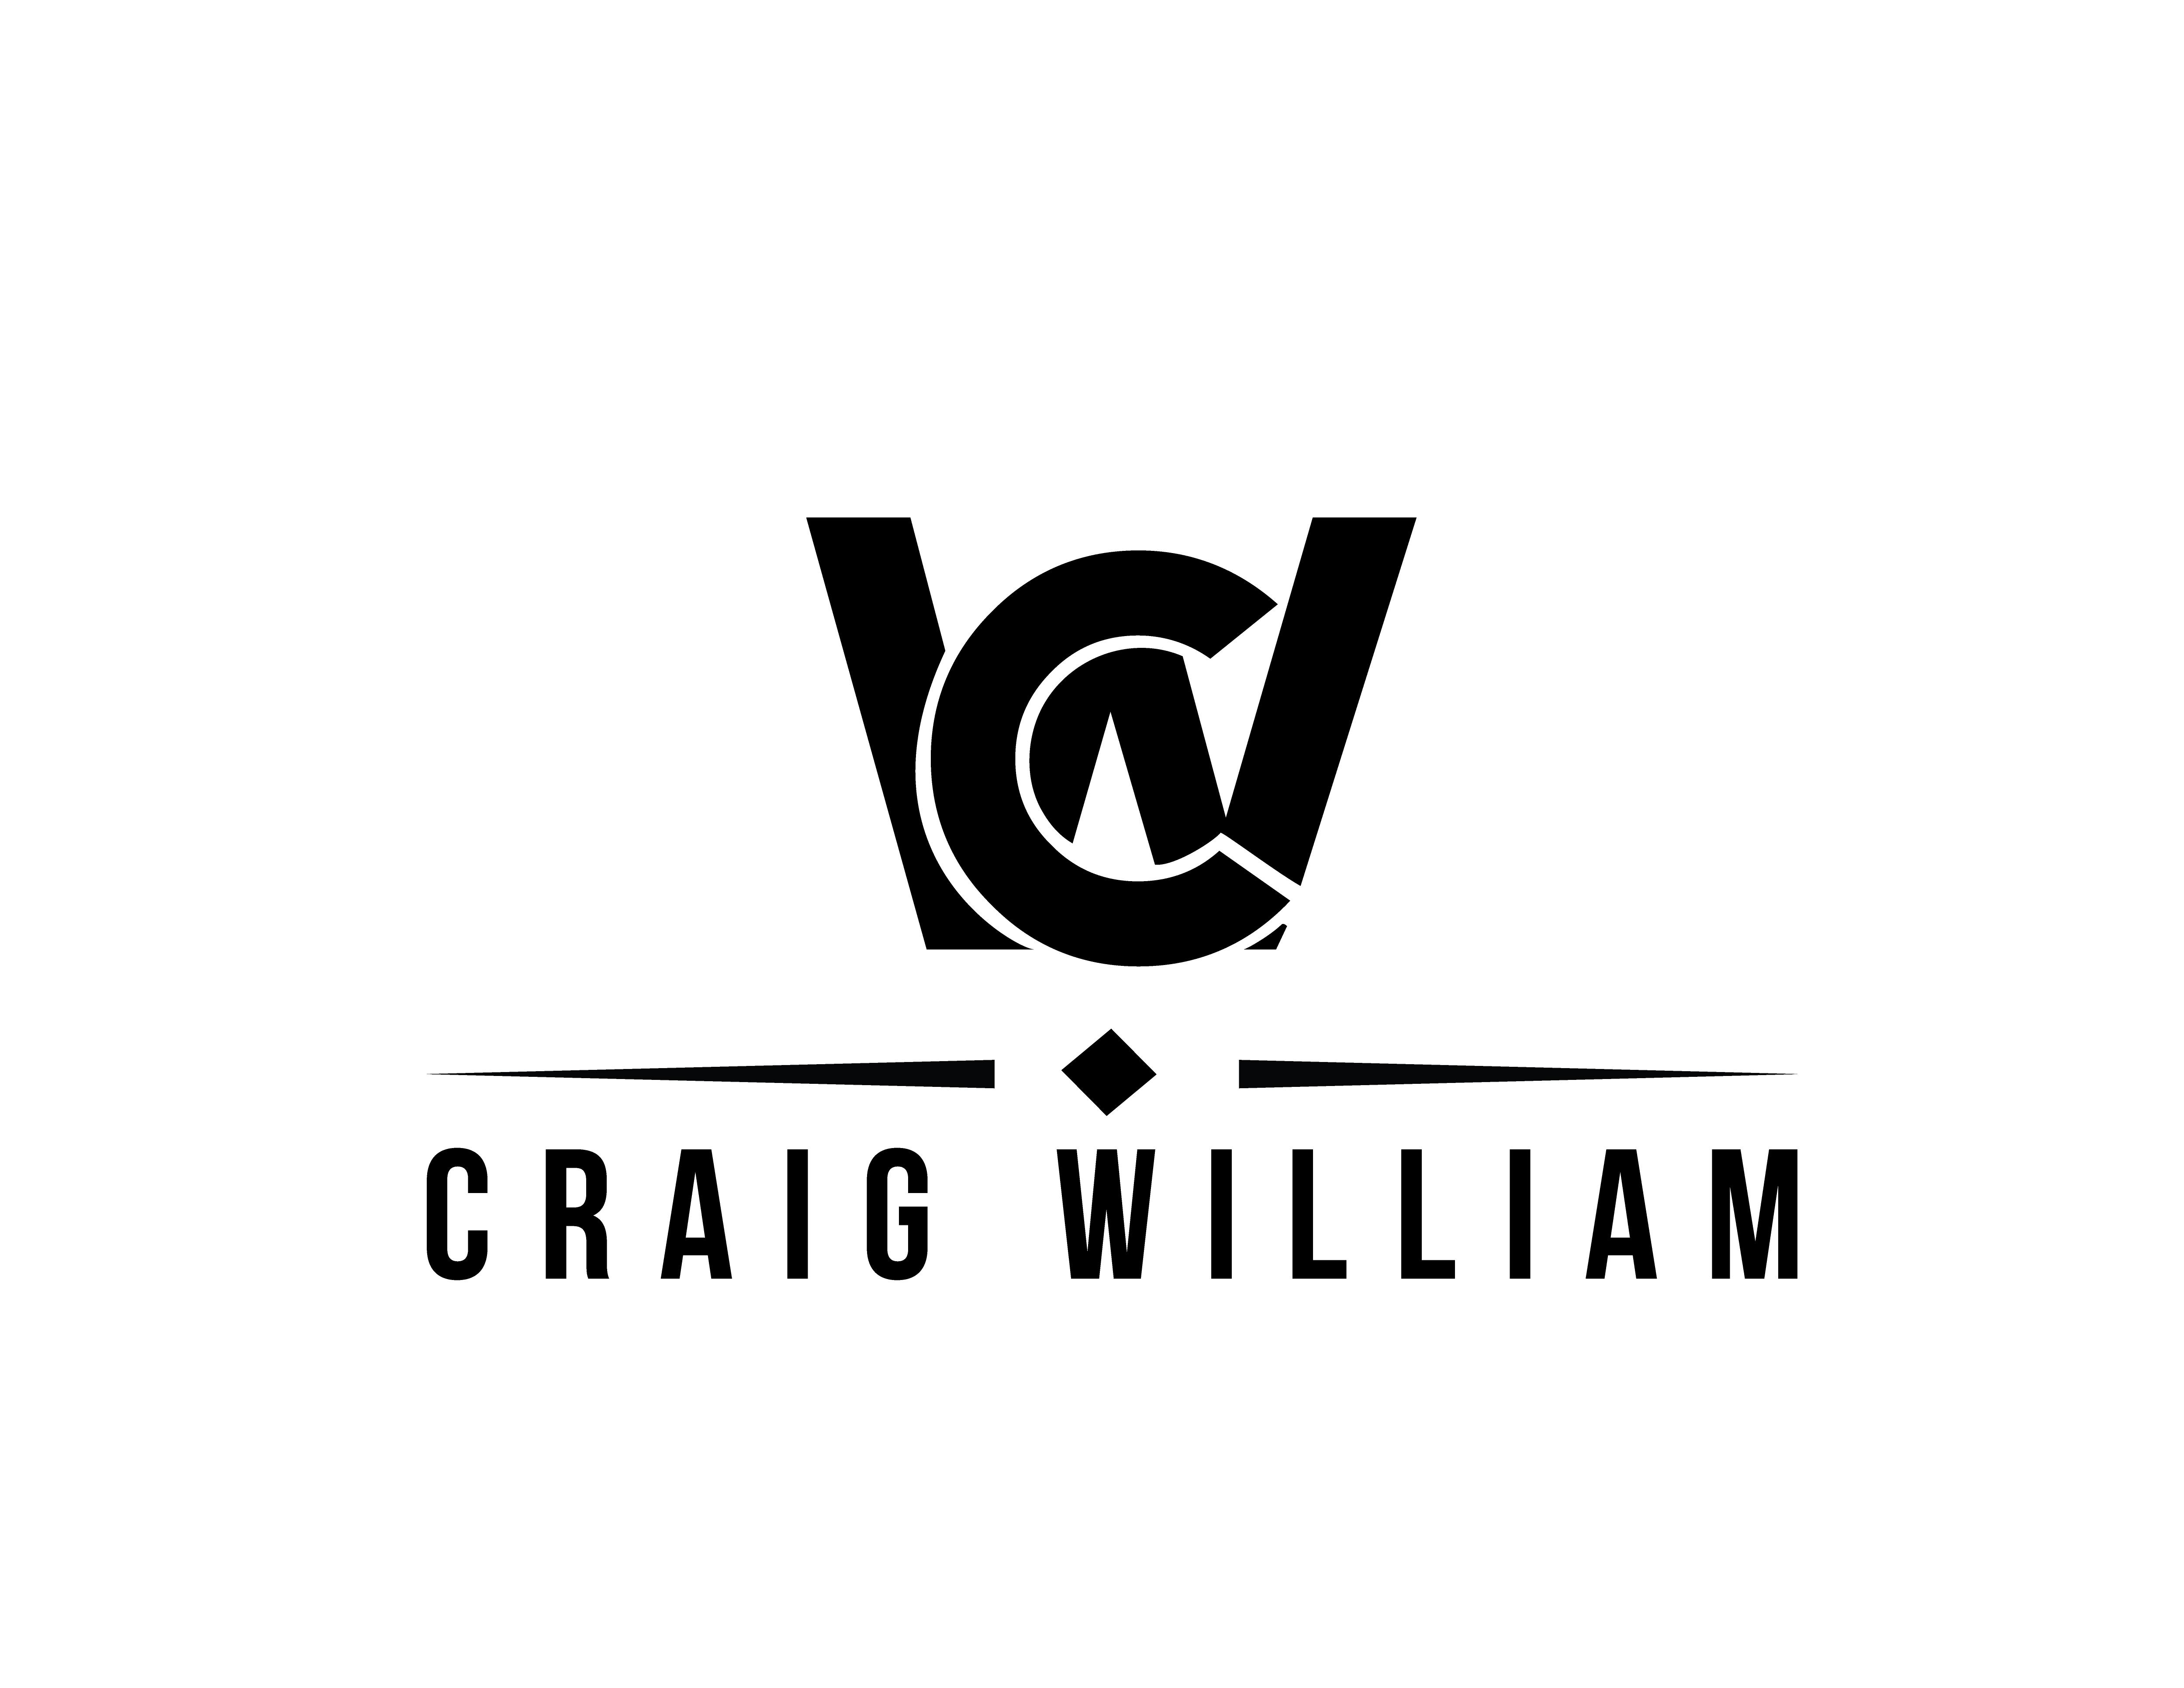 Craig William